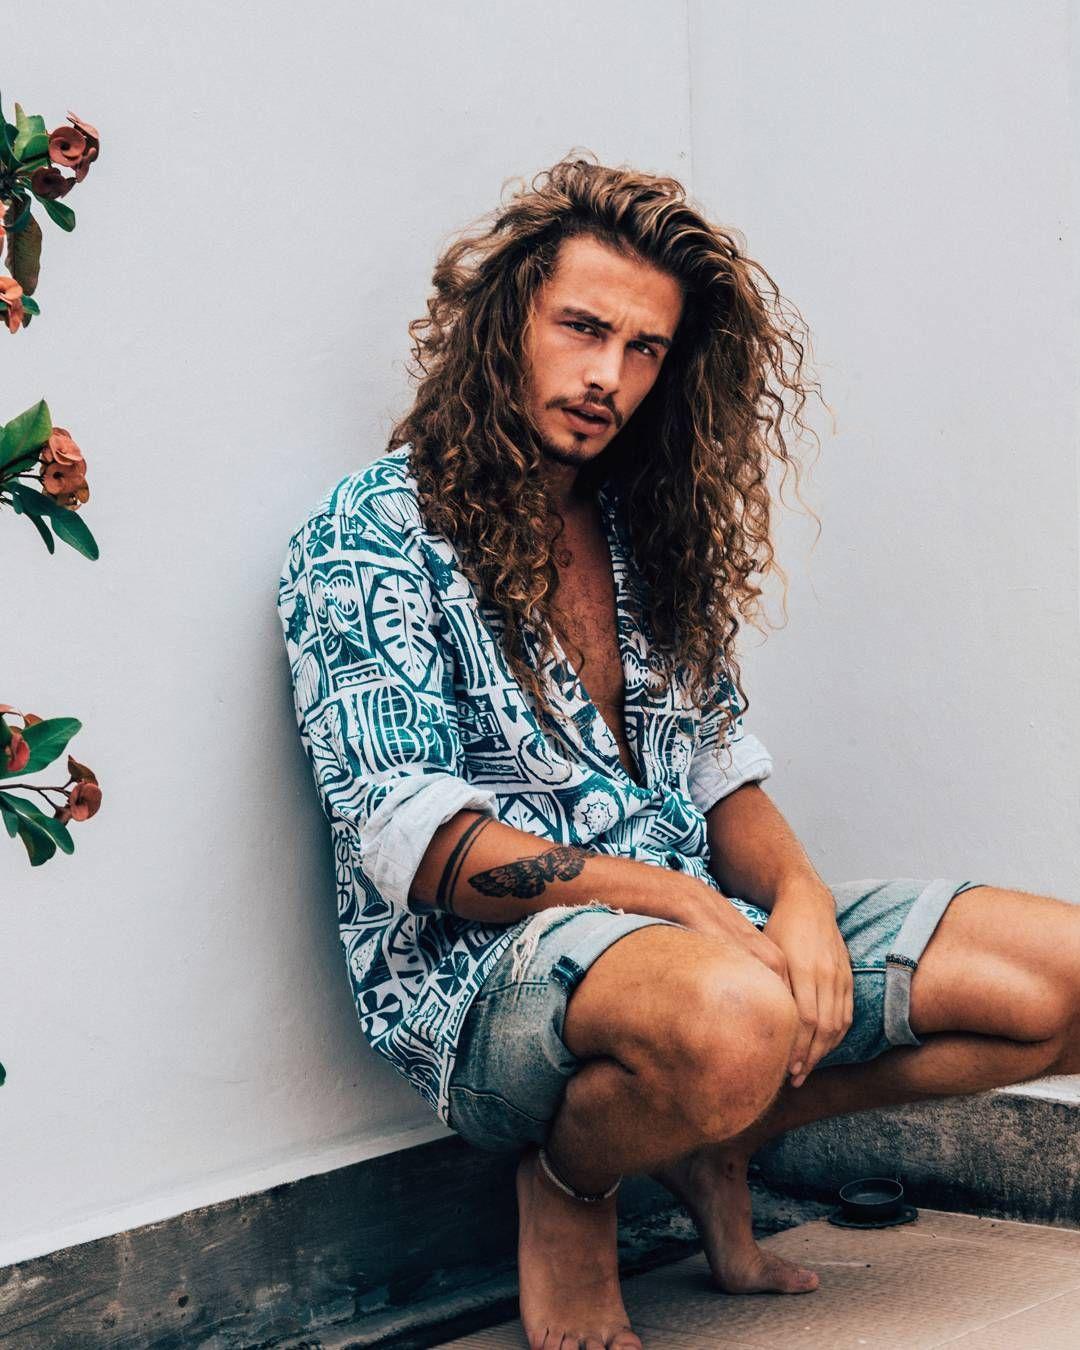 Long curly hair for men long hair inspiration long natural hair - Giaro Giarratana Curly Hair Long Curly Hair Men Inspiration